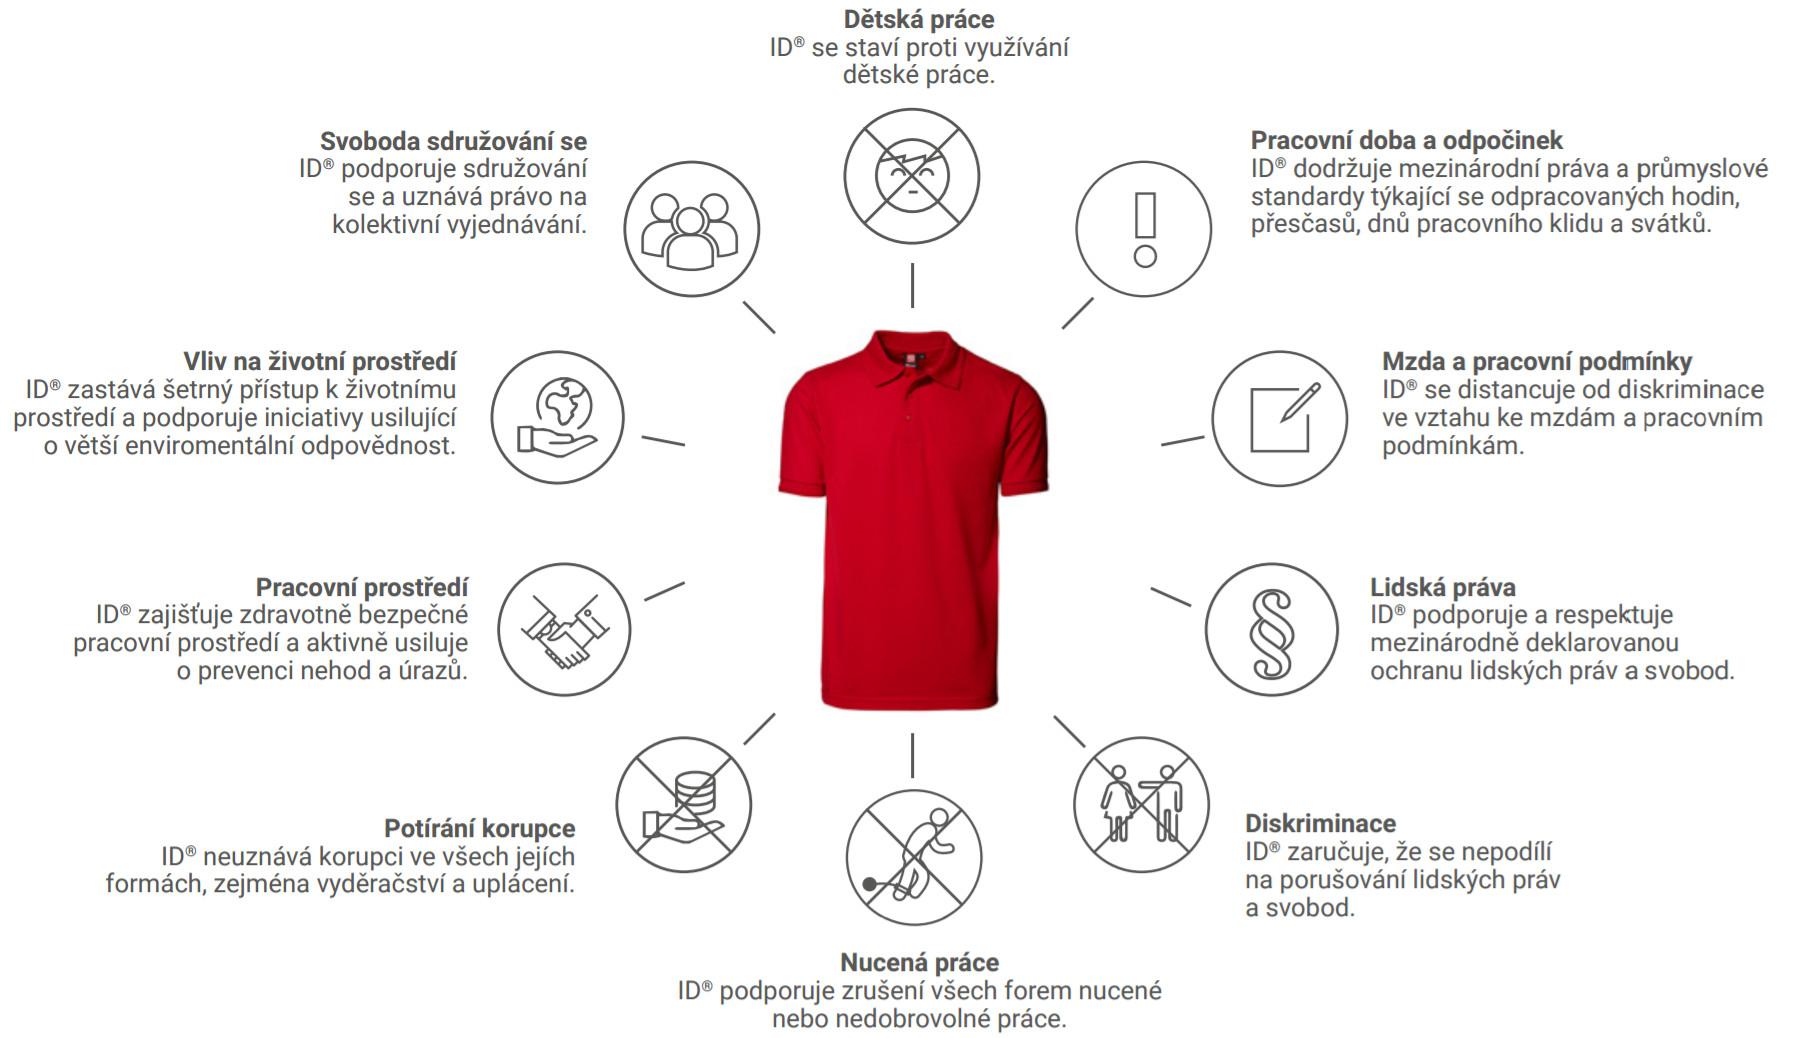 Společenská odpovědnost ID textil